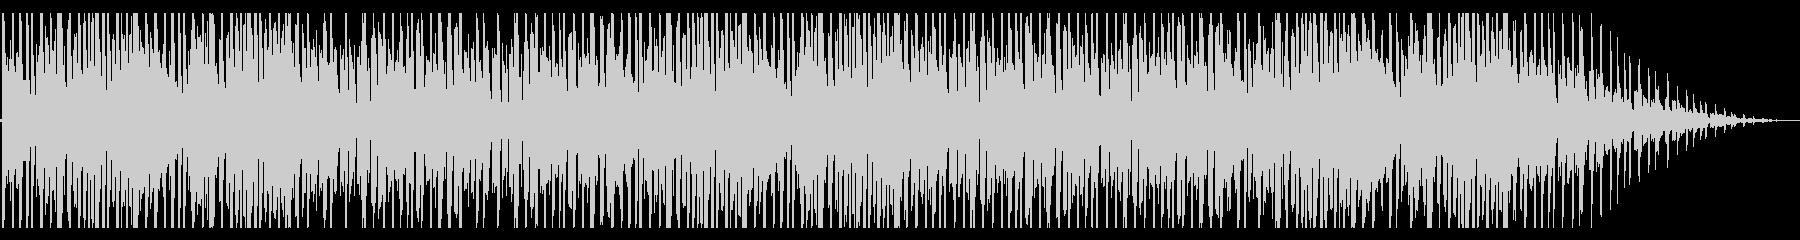 揺らめくようなローファイR&Bの未再生の波形